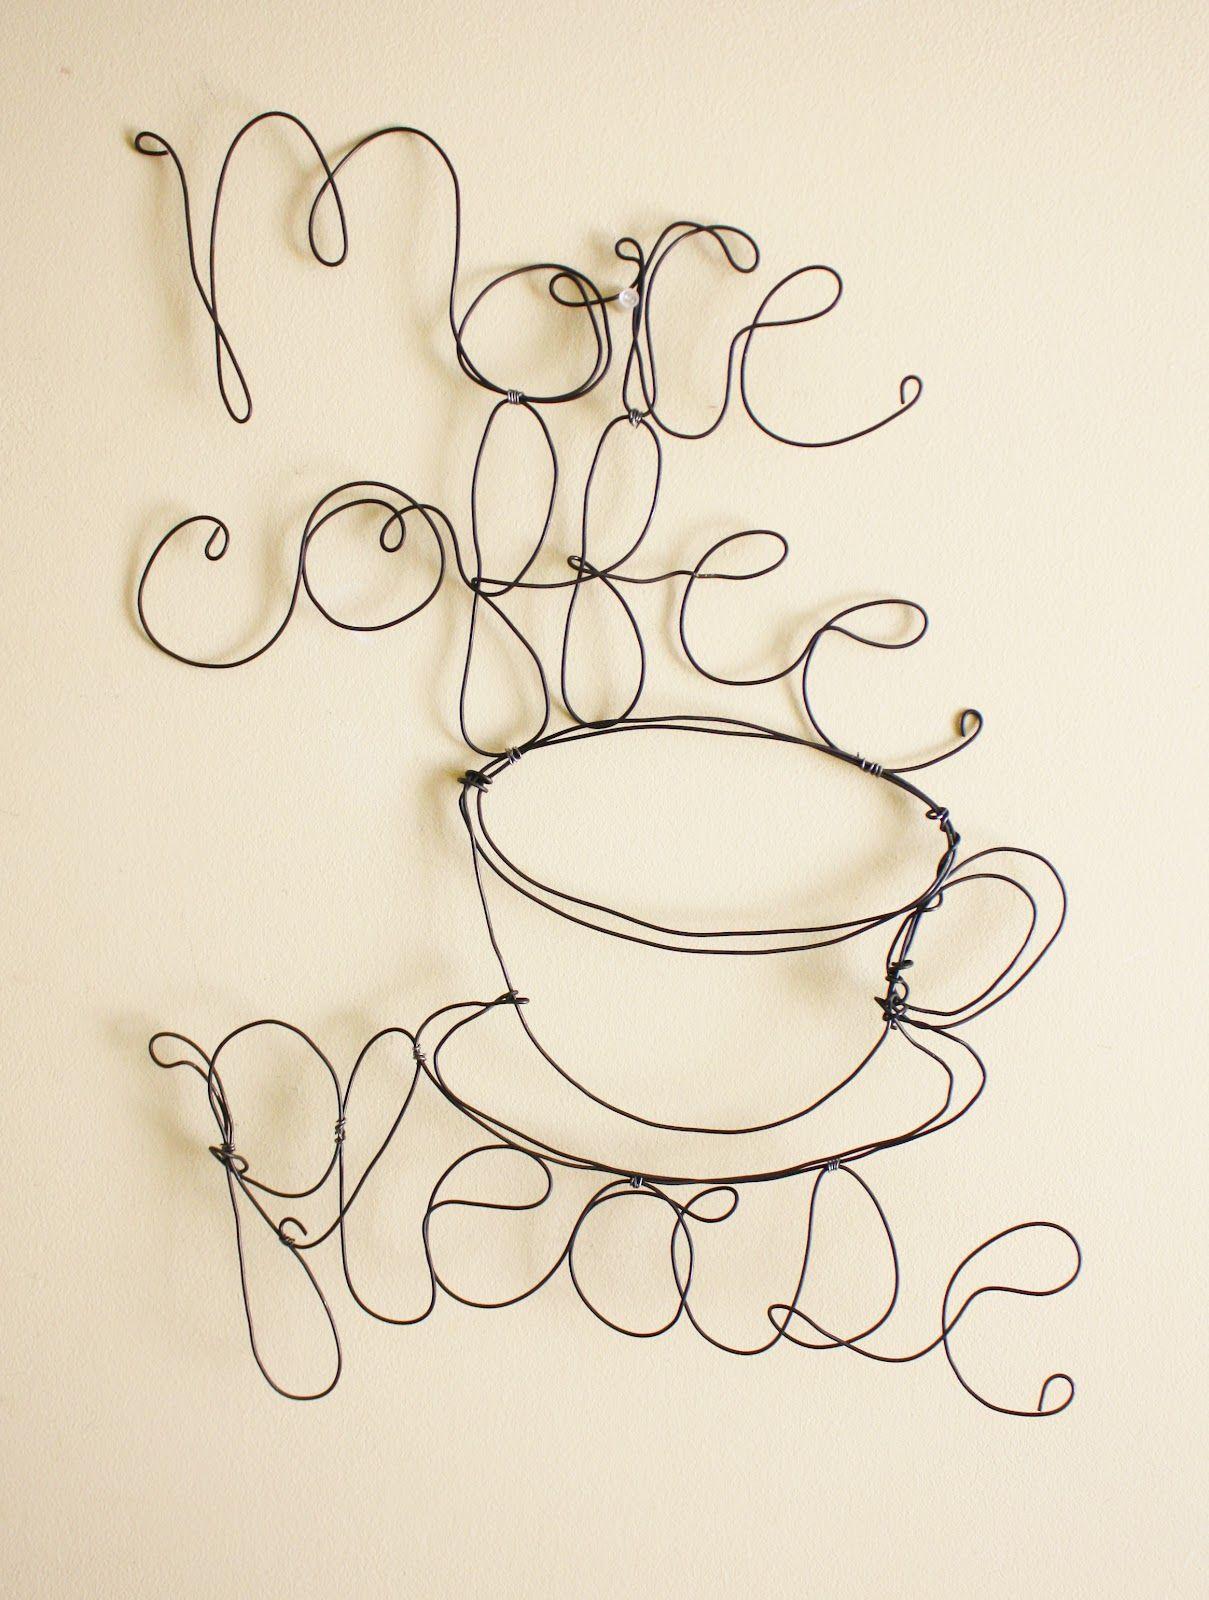 More Coffee Please wire art by Jennifer Swift | Wire Work ...